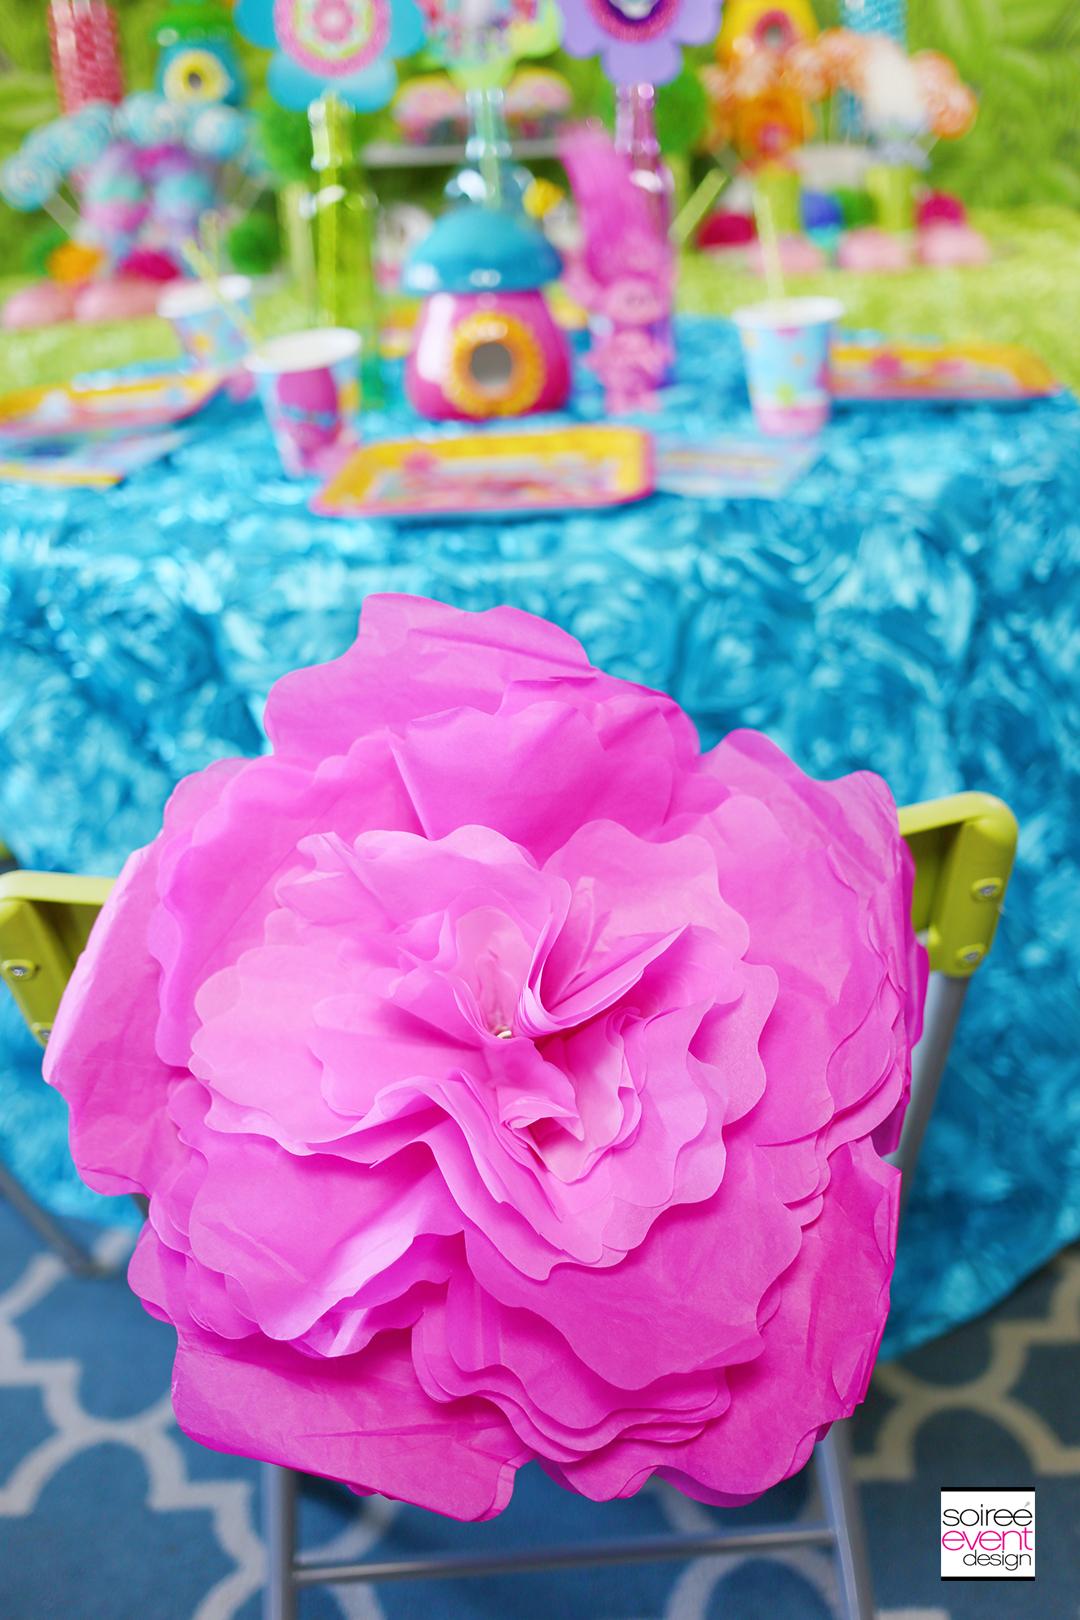 Trolls Party Ideas - Paper Flower Chairbacker